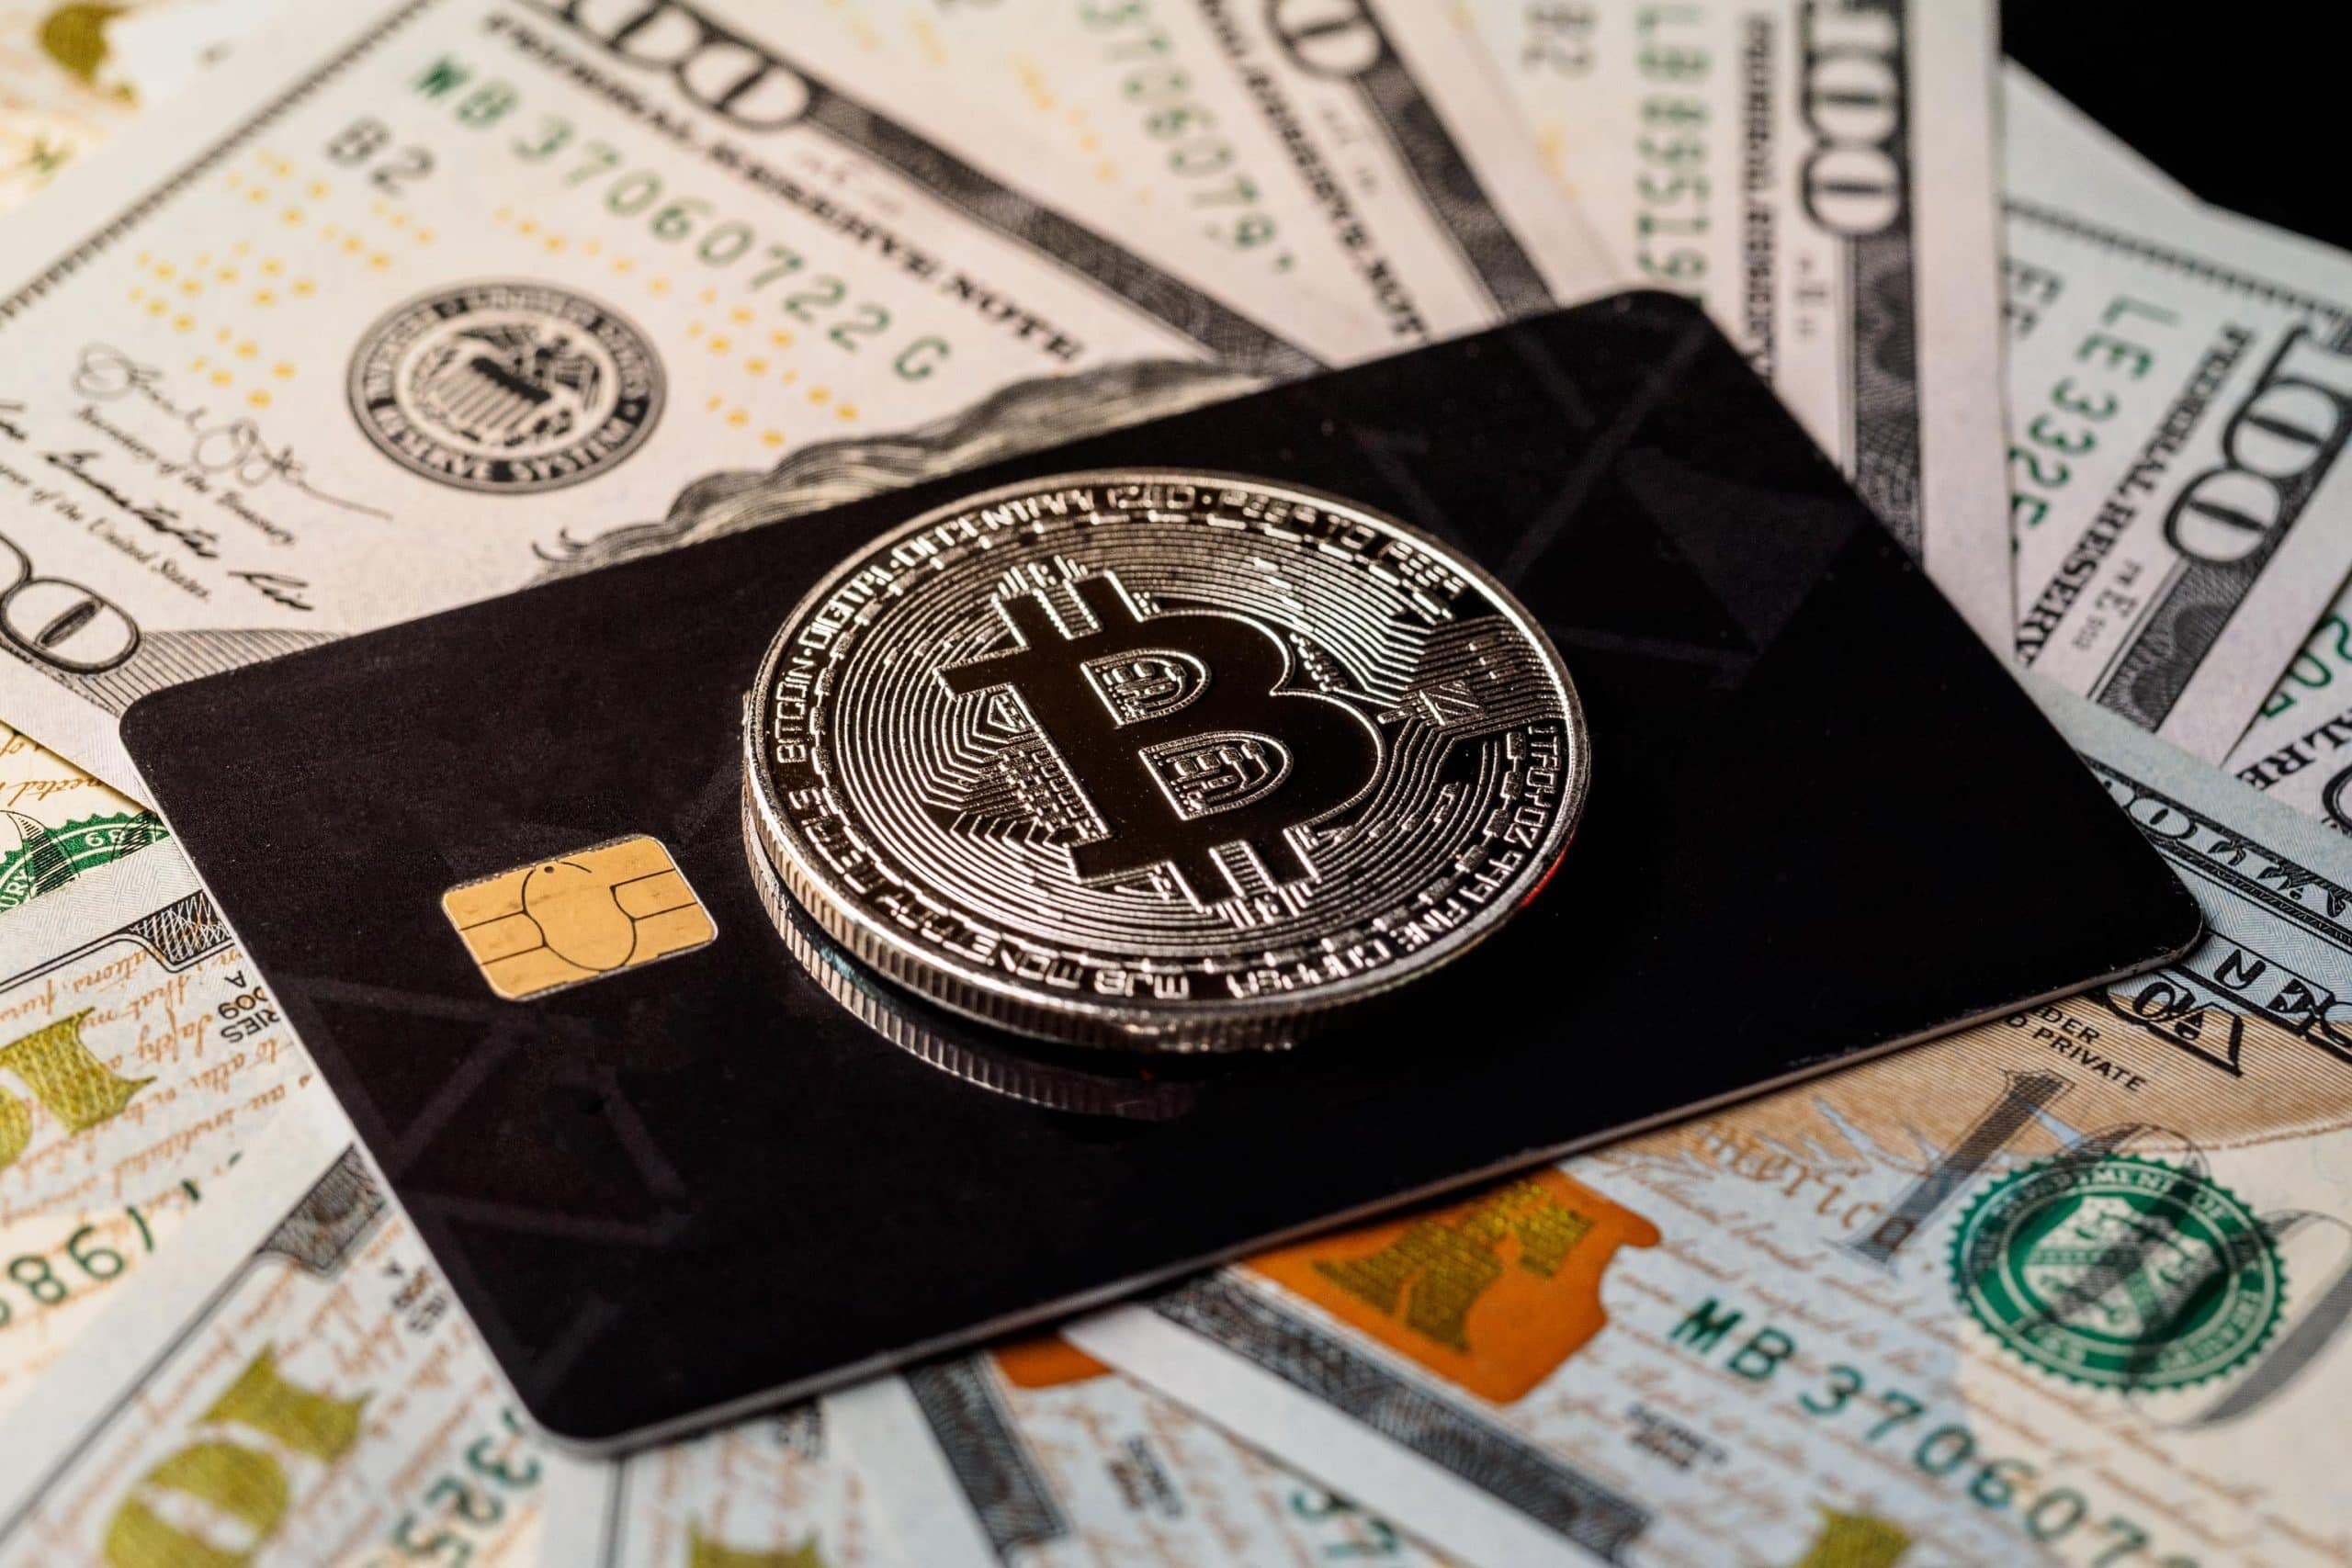 Ein Bitcoin liegt auf einer schwarzen Debitkarte, die auf mehreren US-Dollar-Noten liegt.